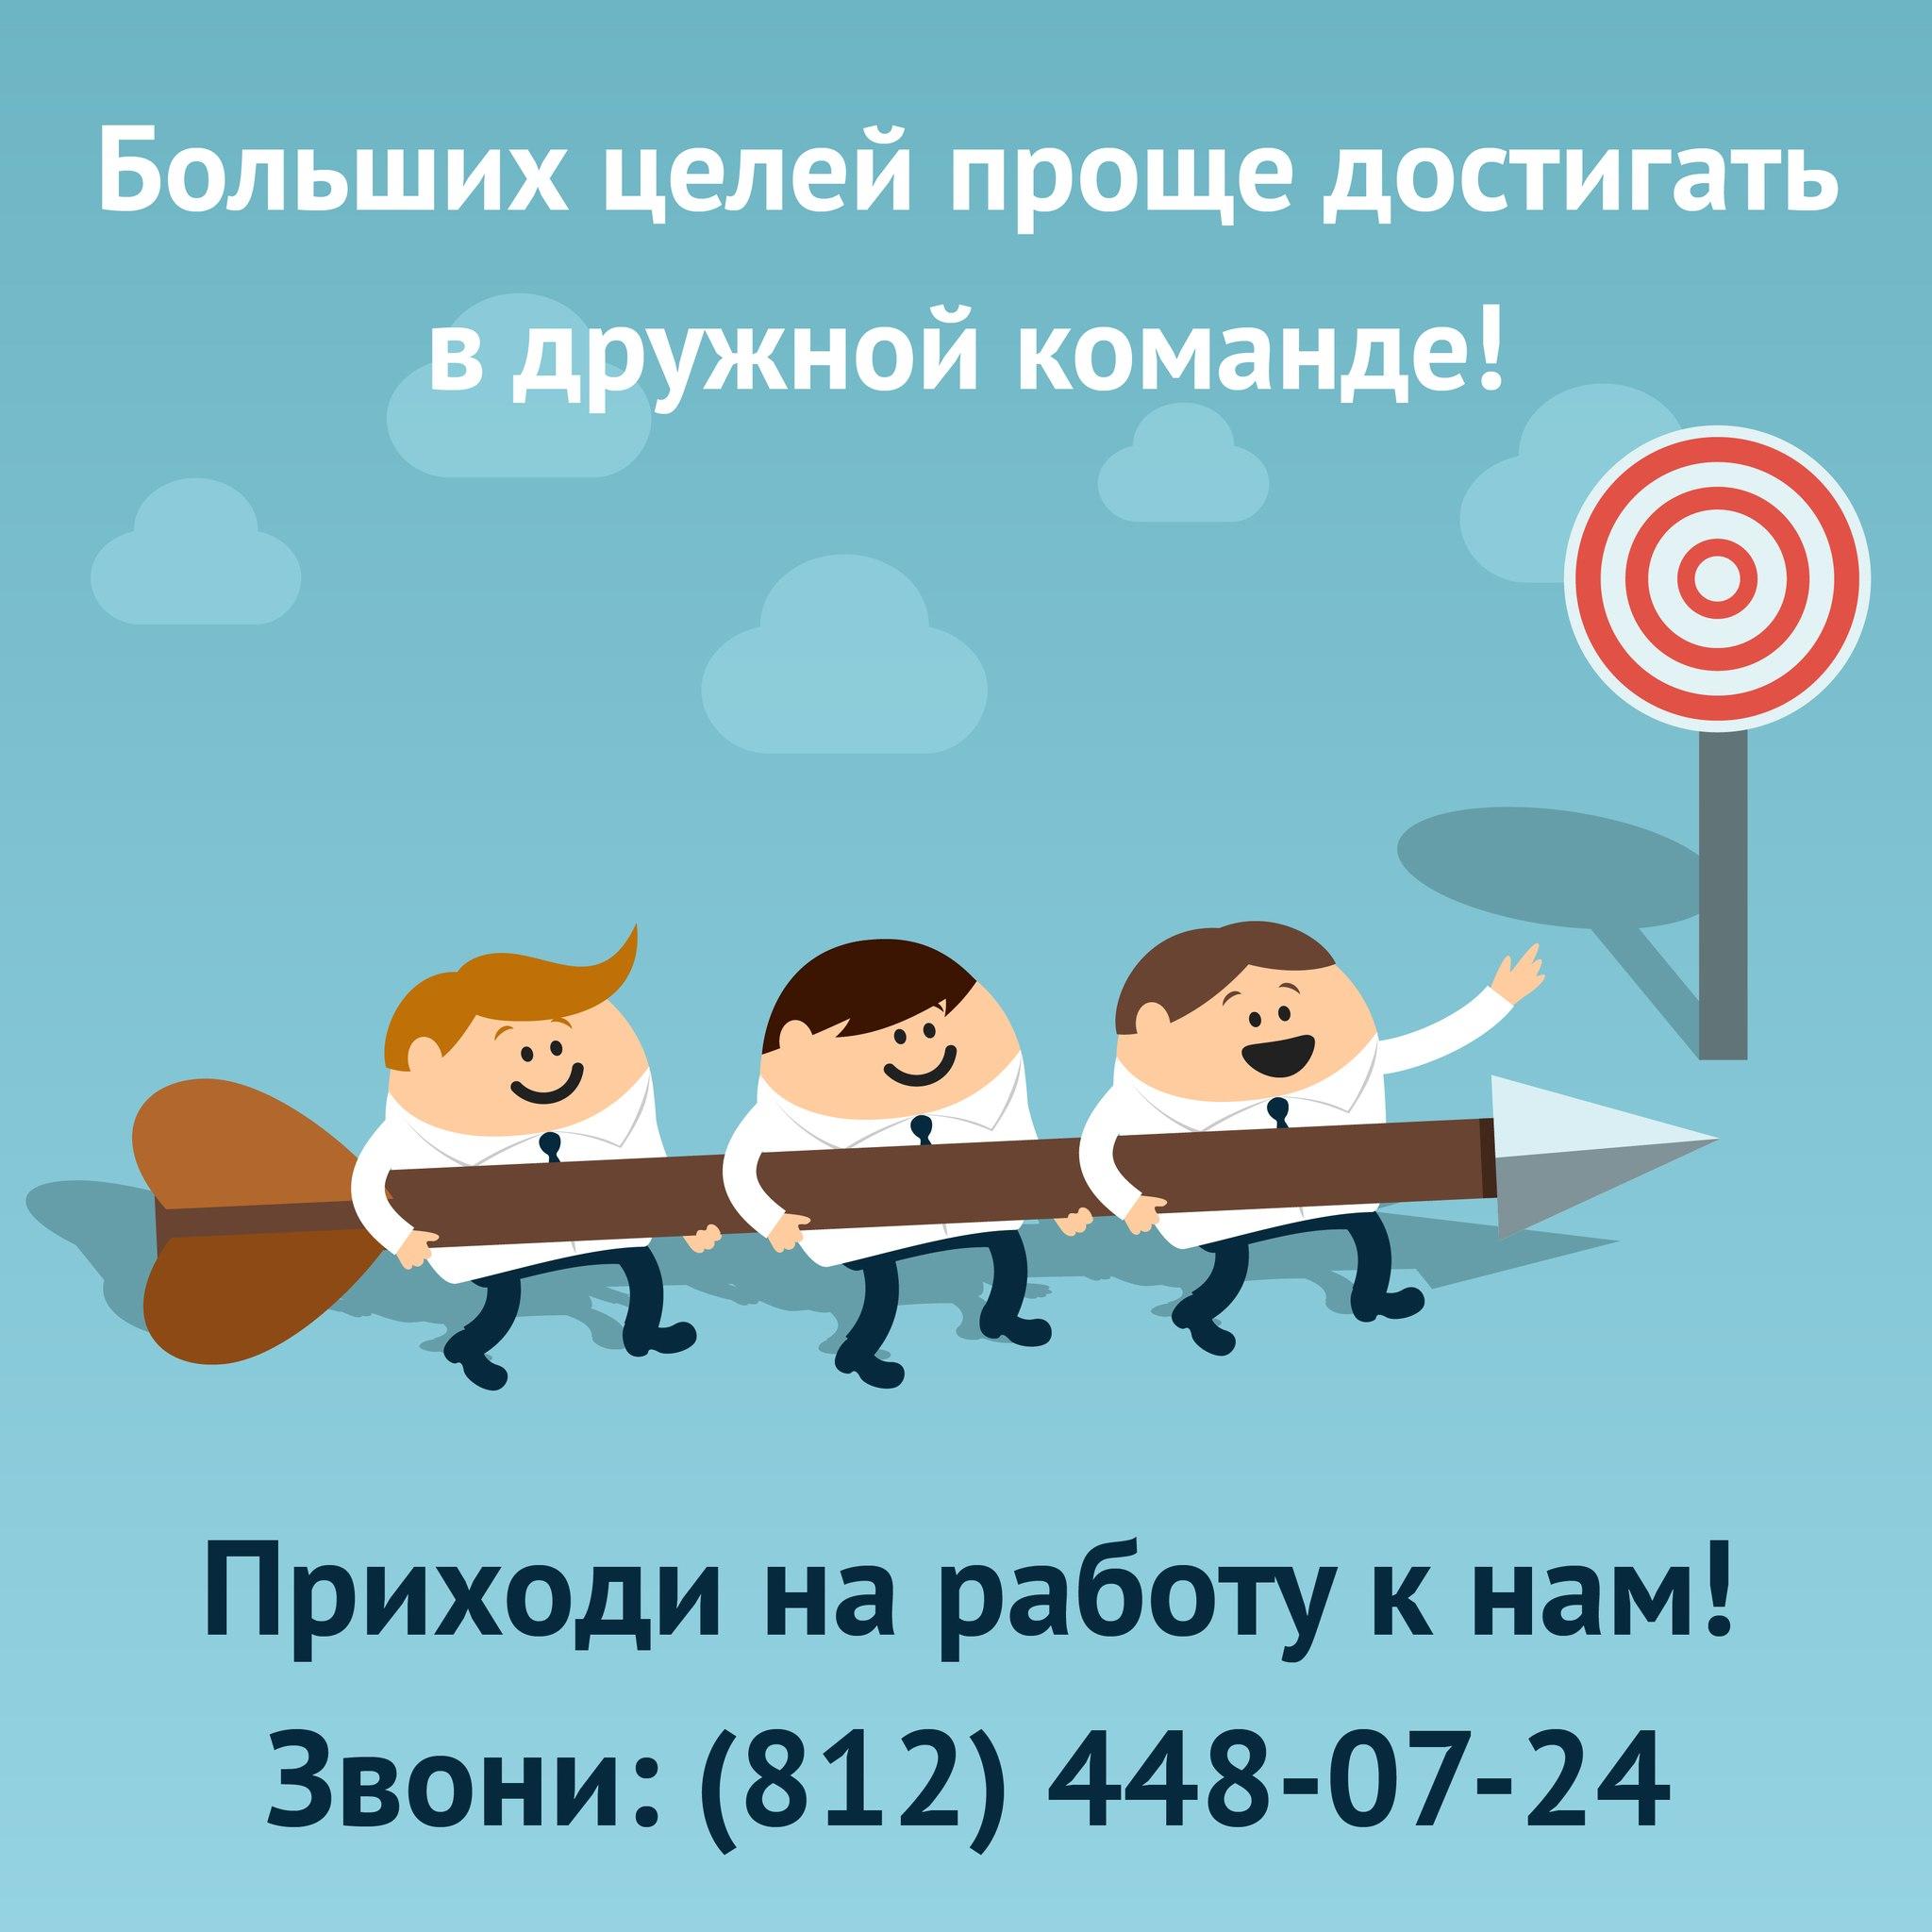 Работа для подростков вакансии спб 14 фотография